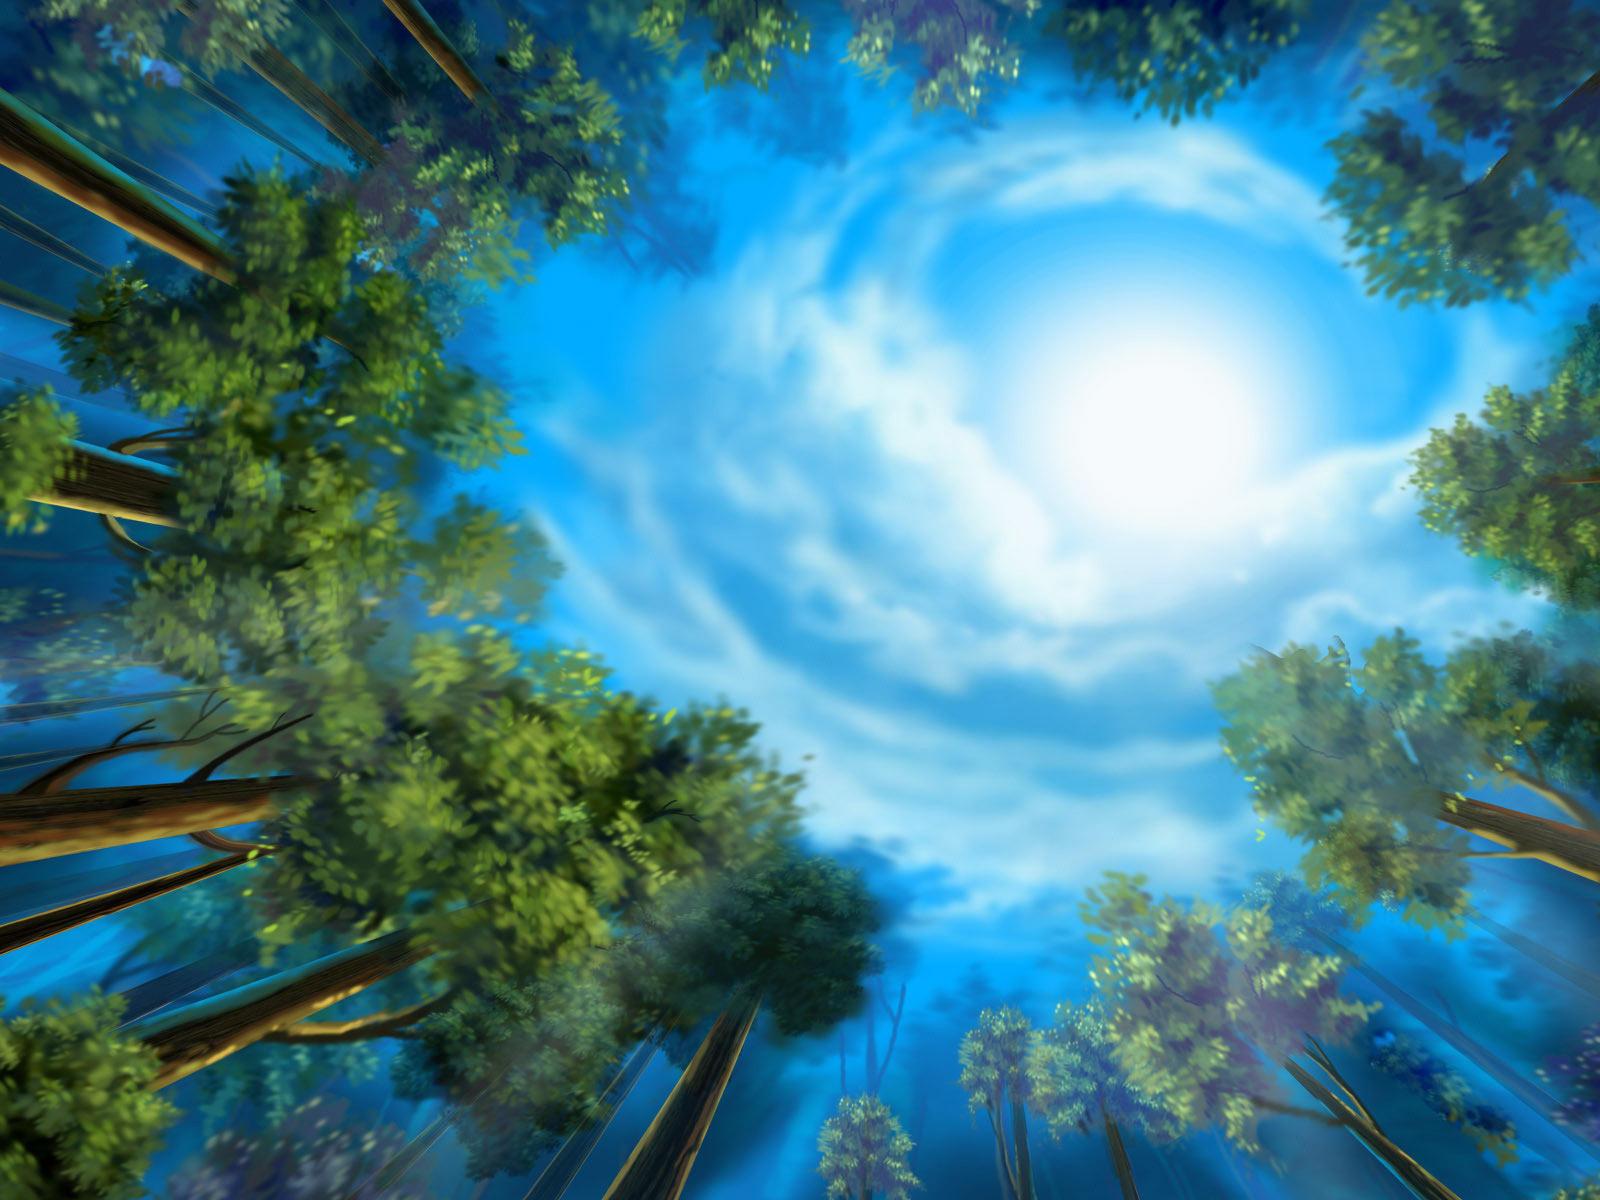 Wallpapers   HD Desktop Wallpapers Online Backgrounds 1600x1200